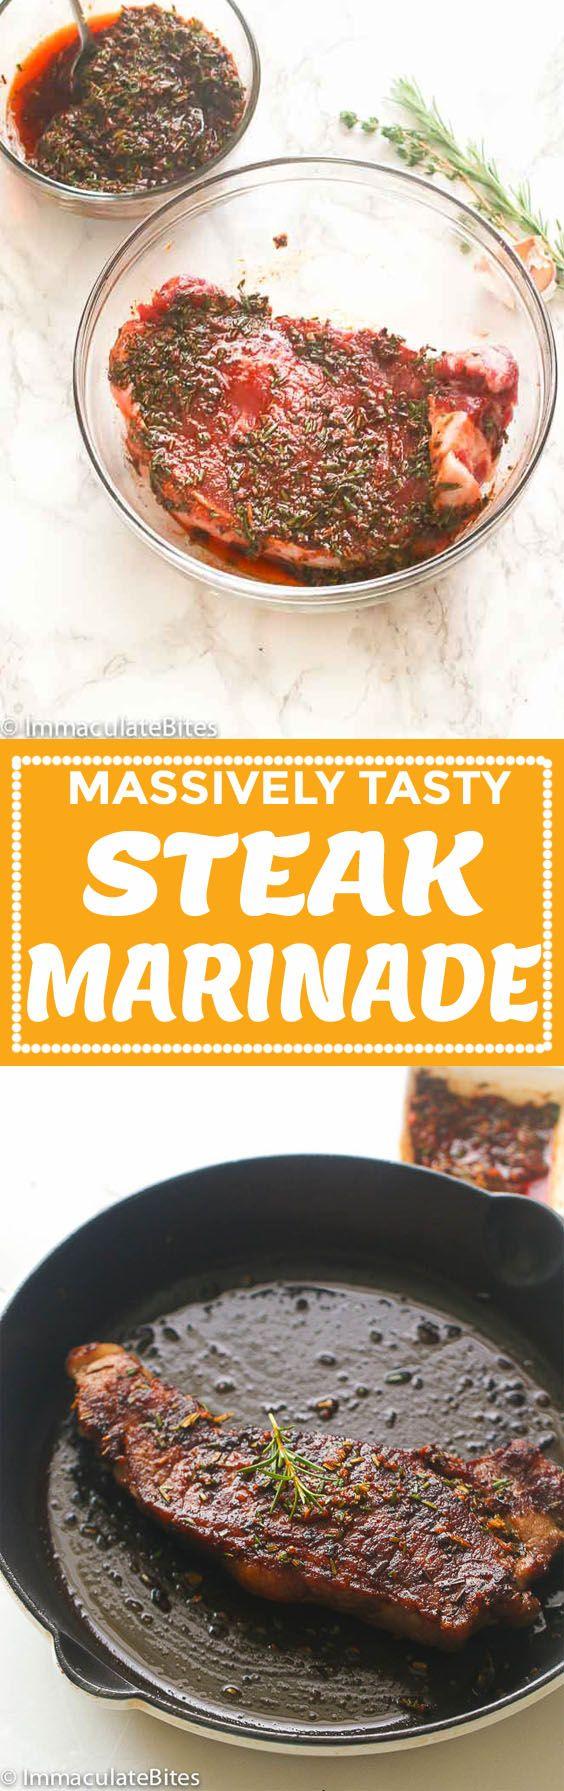 Steak Marinade | Recipe | Immaculate Bites Blog Recipes